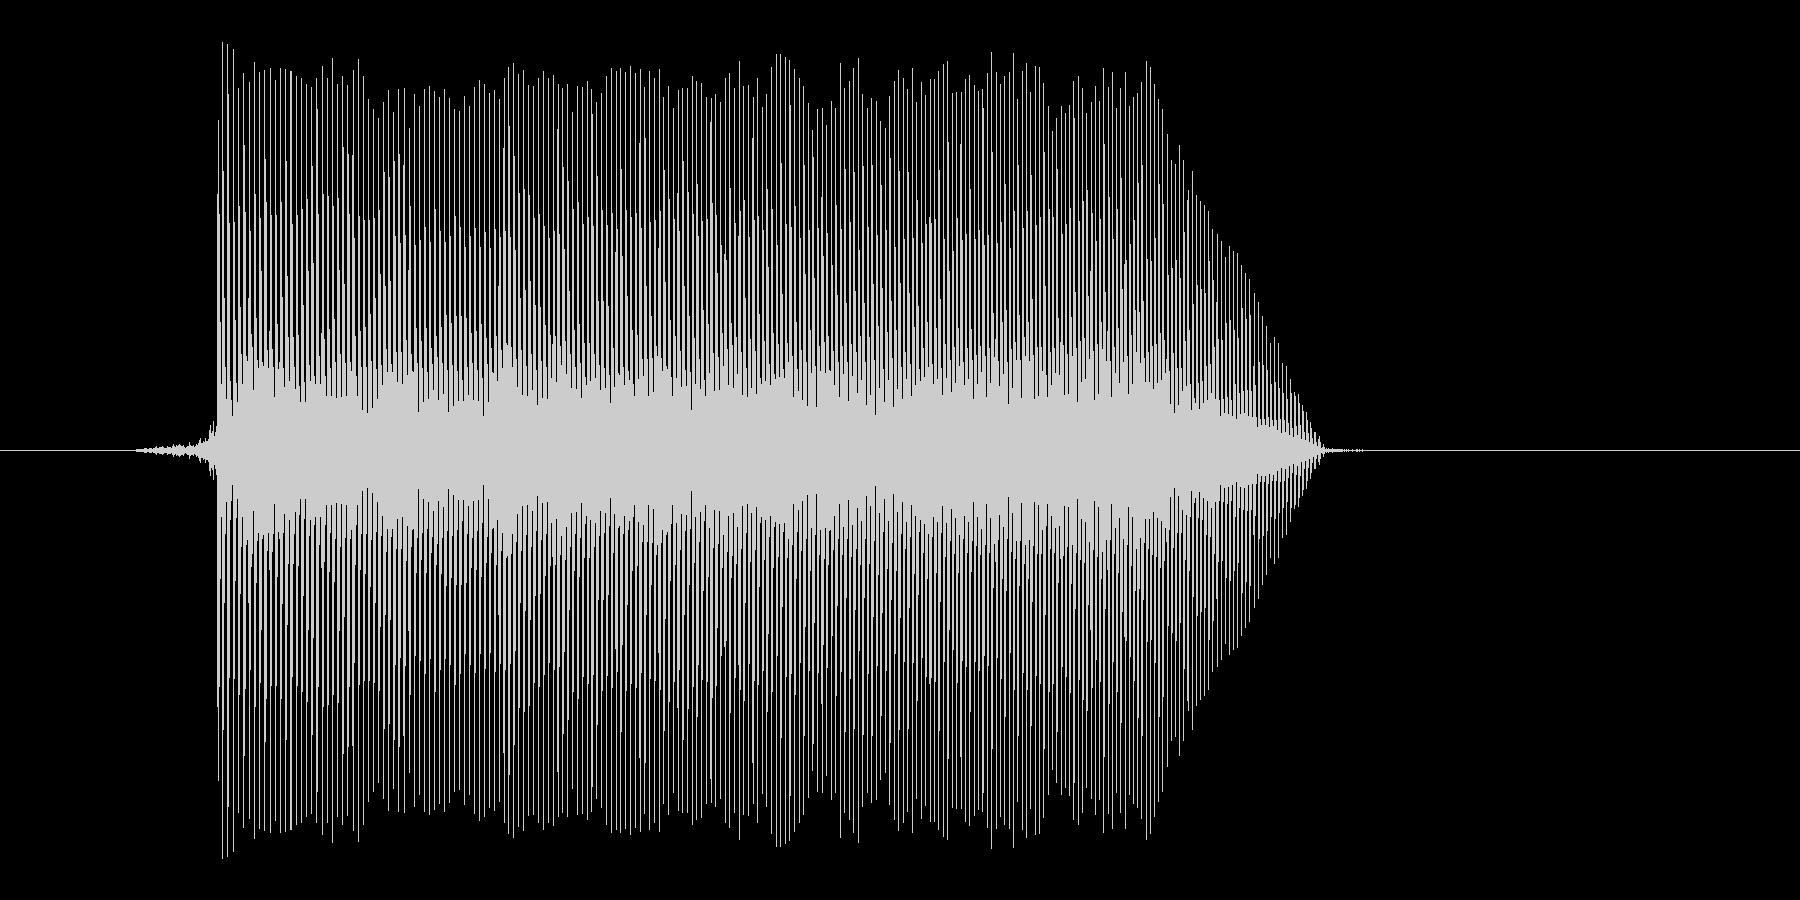 ゲーム(ファミコン風)ジャンプ音_029の未再生の波形